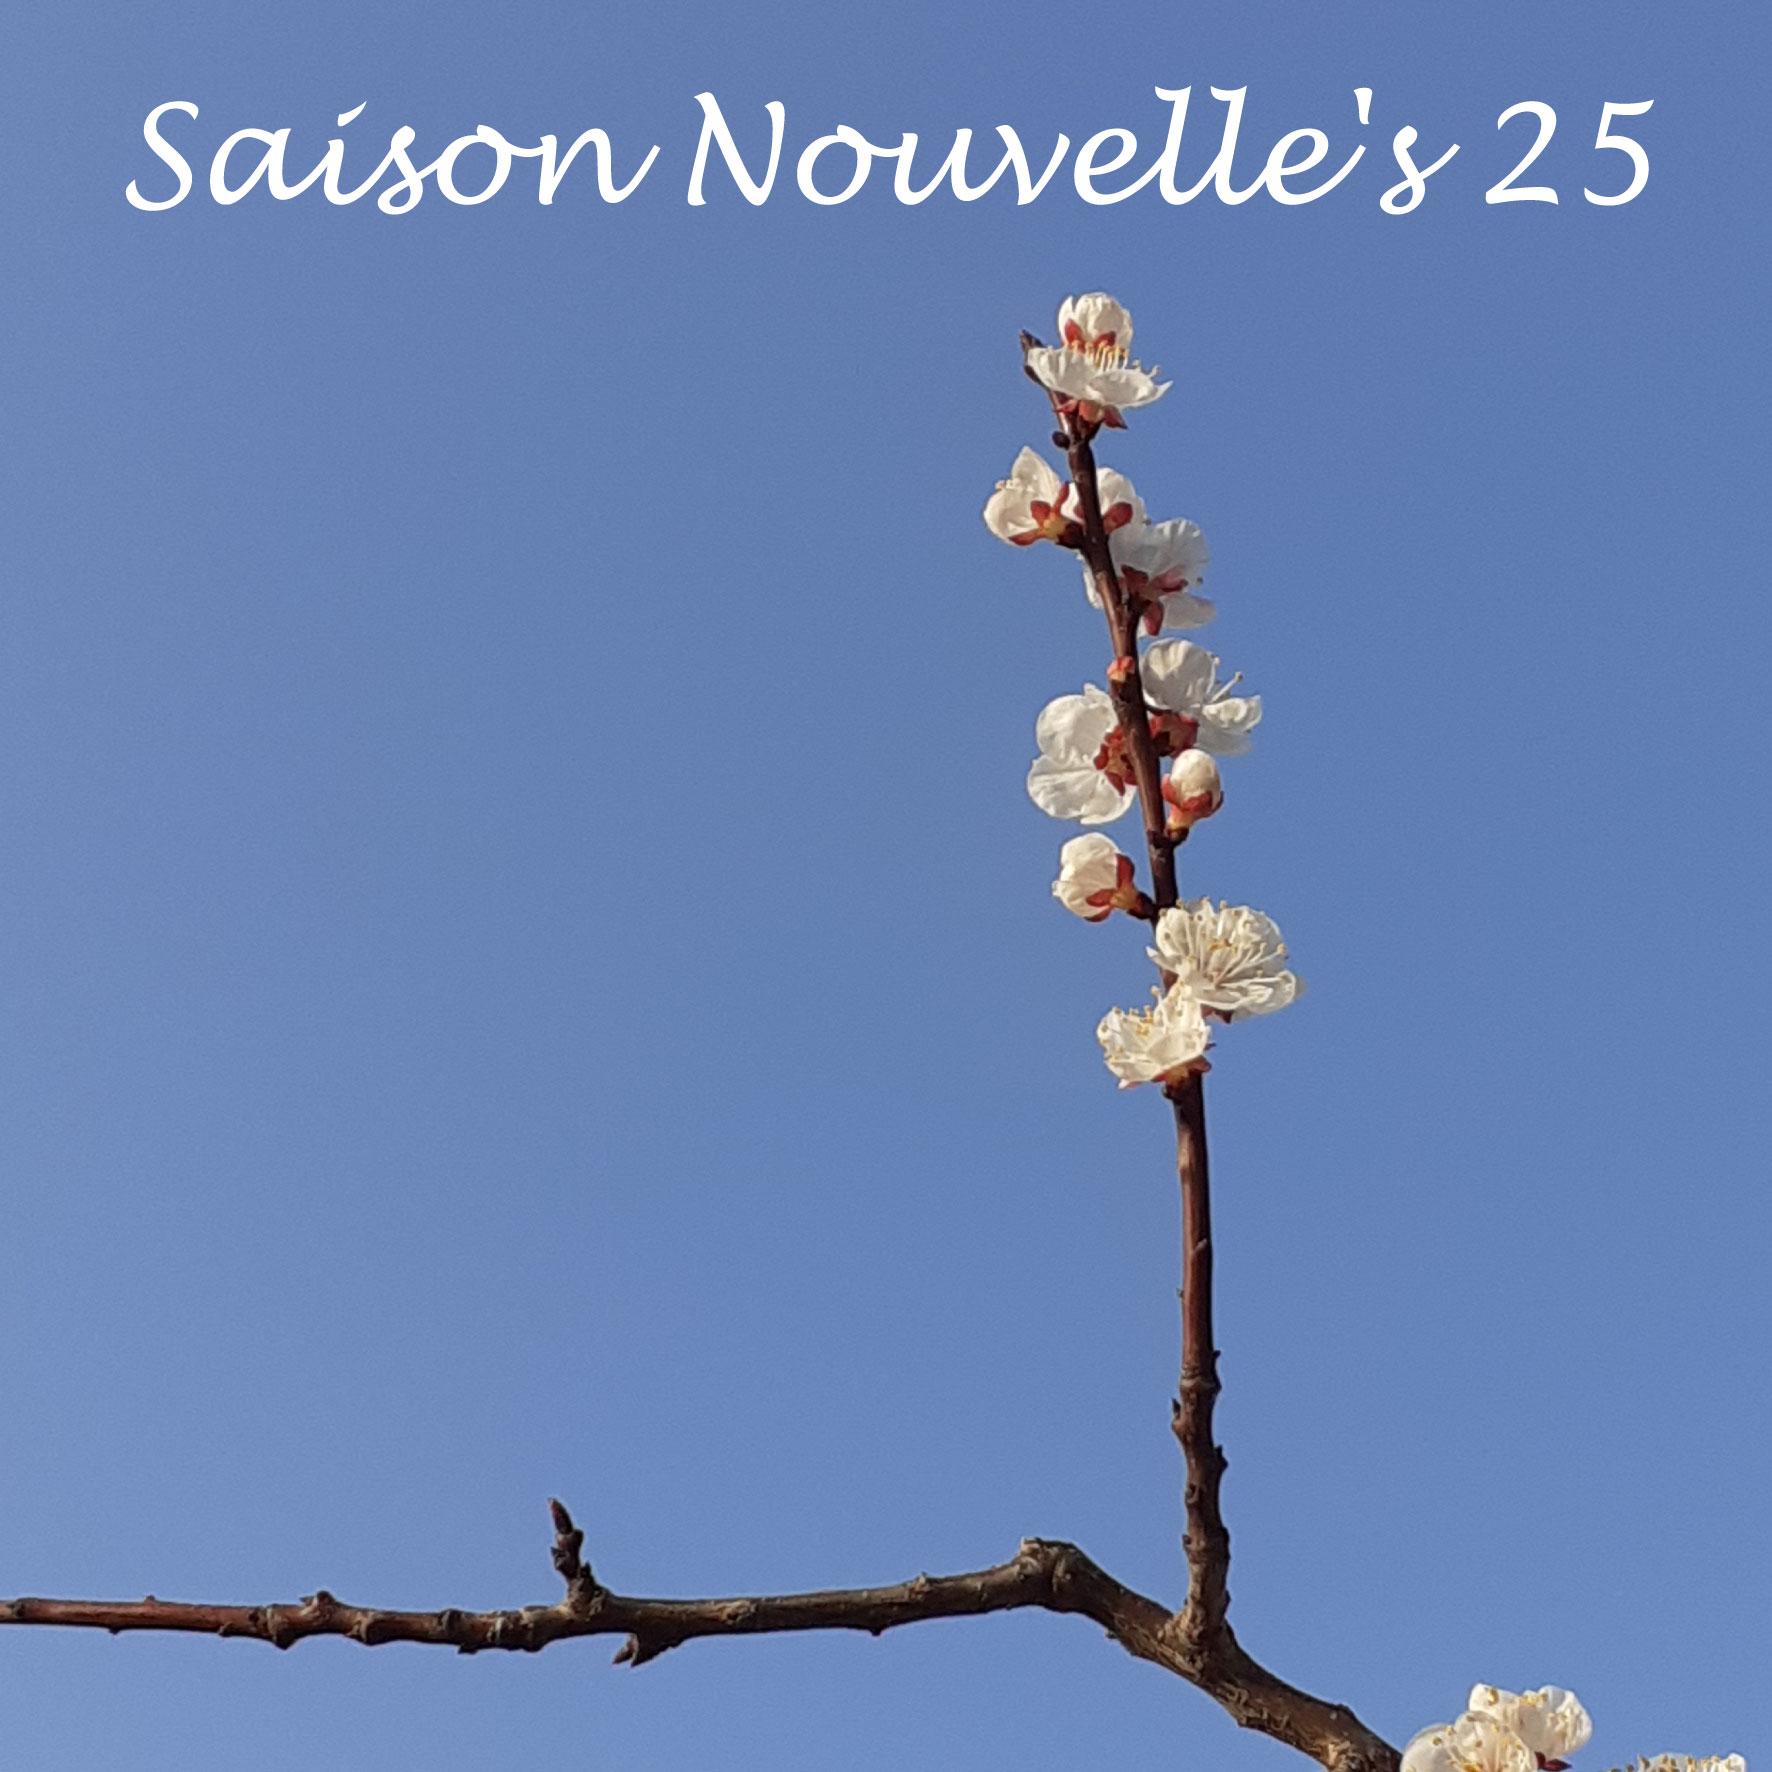 Saison Nouvelle's n°25 – Mars 2021